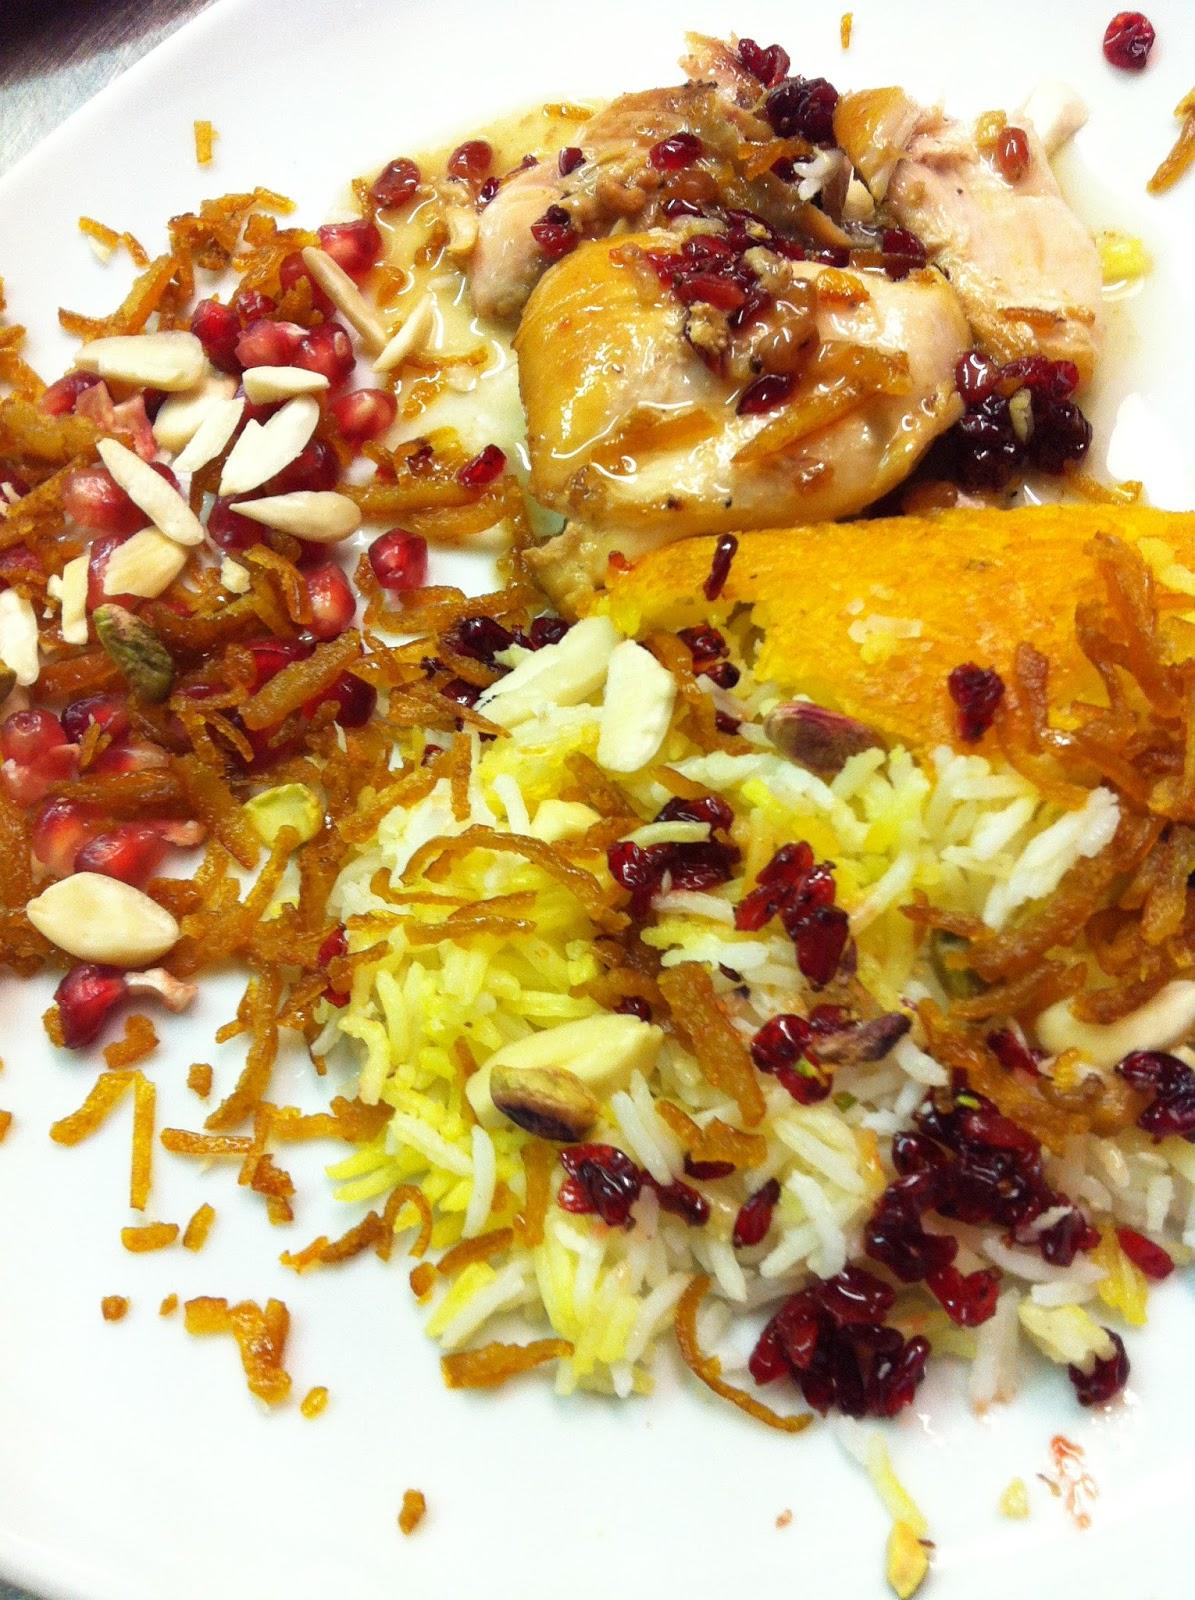 La mia cucina persiana: La Mia Cena Persiana con Melograno